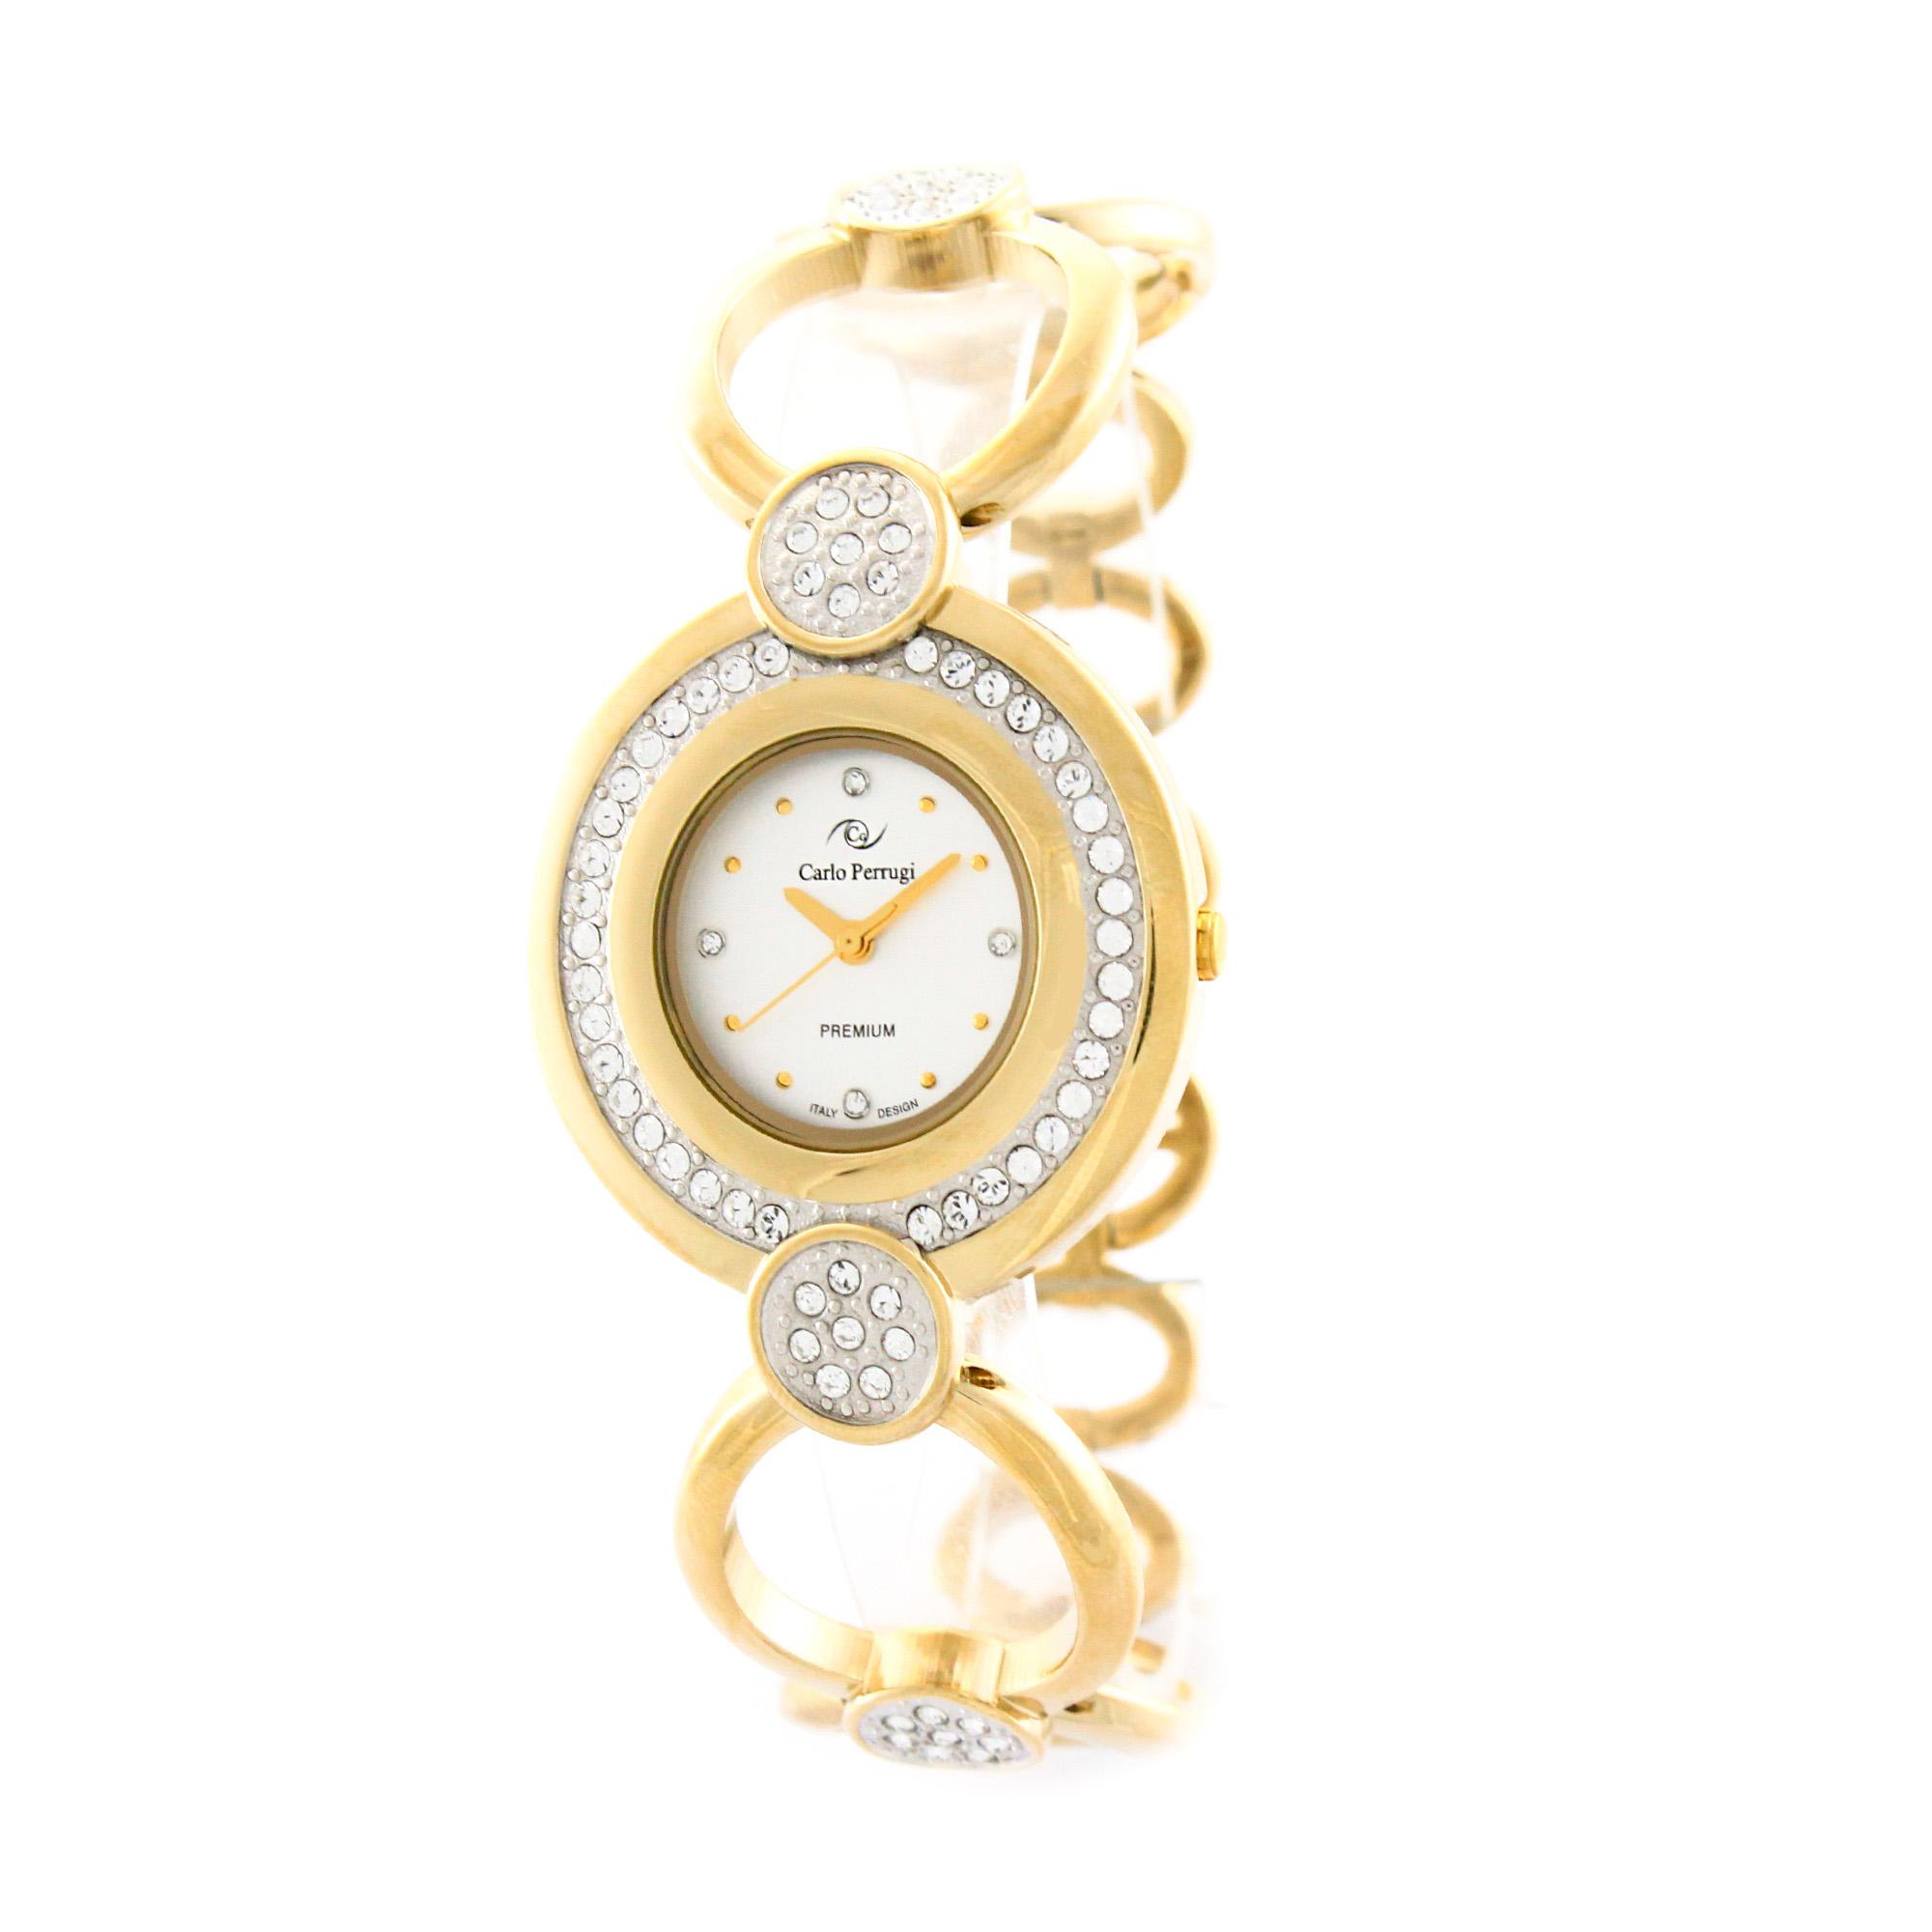 خرید ساعت مچی عقربه ای زنانه کارلو پروجی مدل SL002006-2